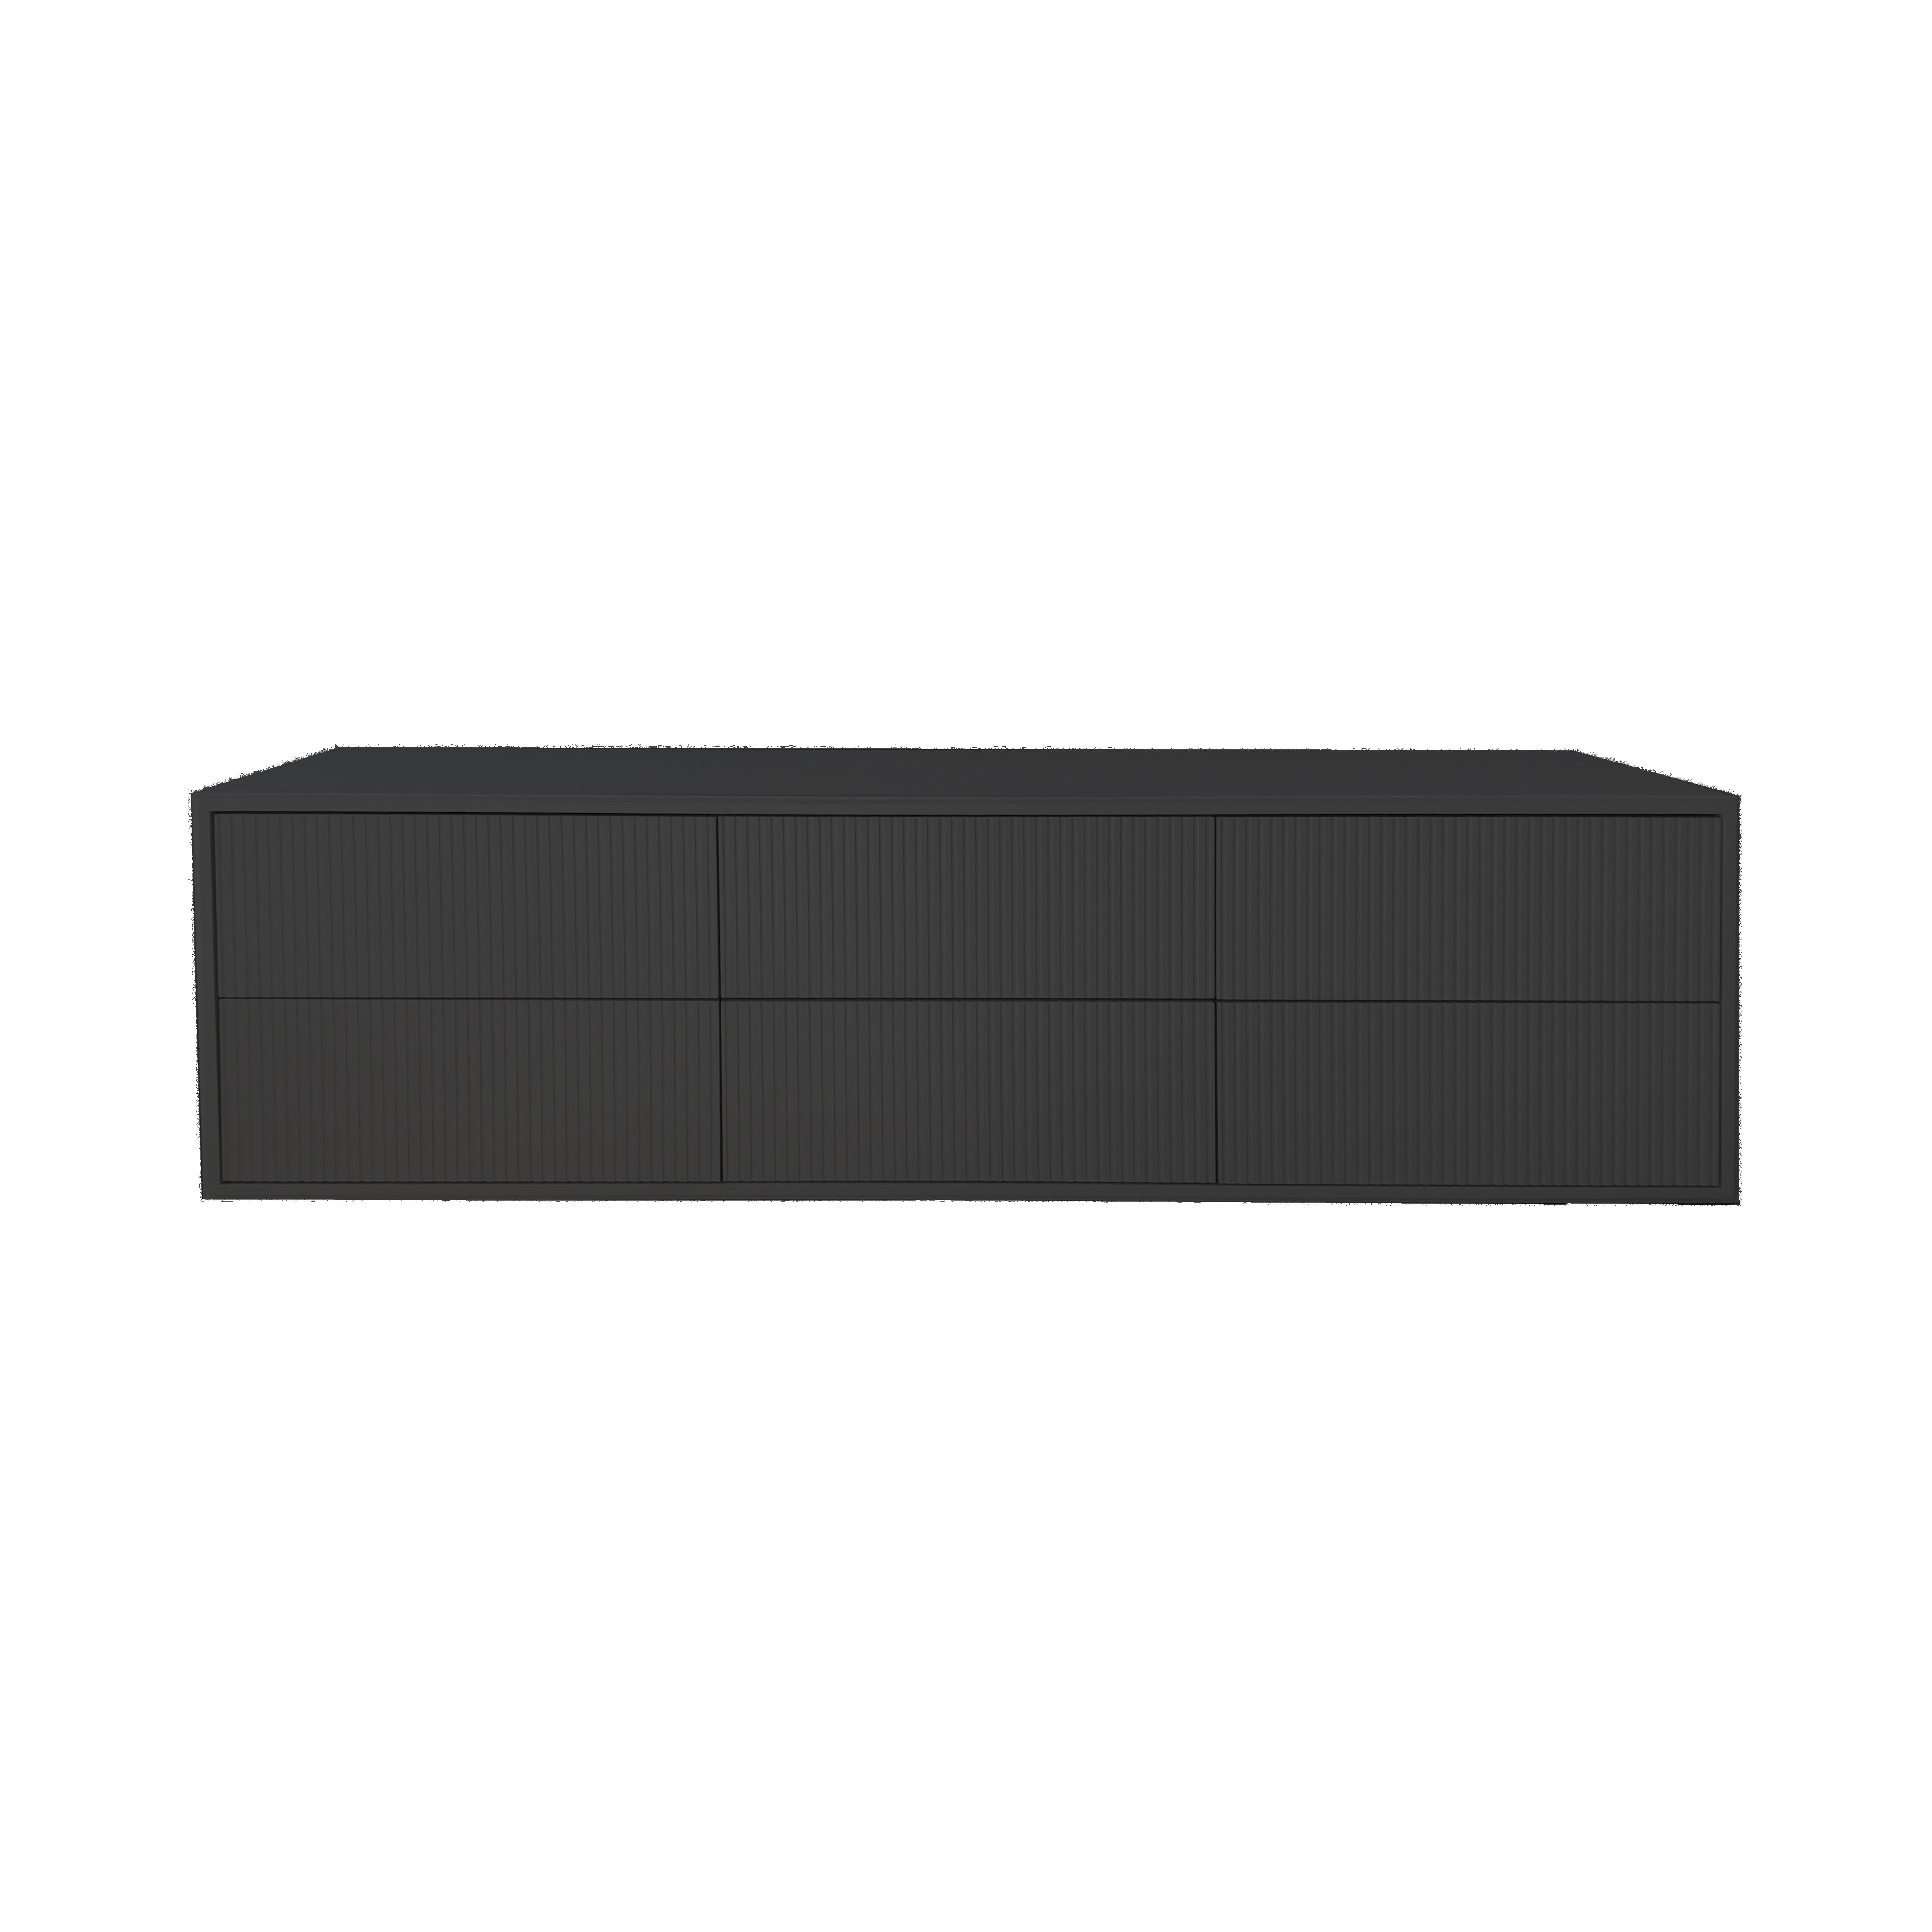 Line Byrå 6 lådor Black framifrån - englesson.se